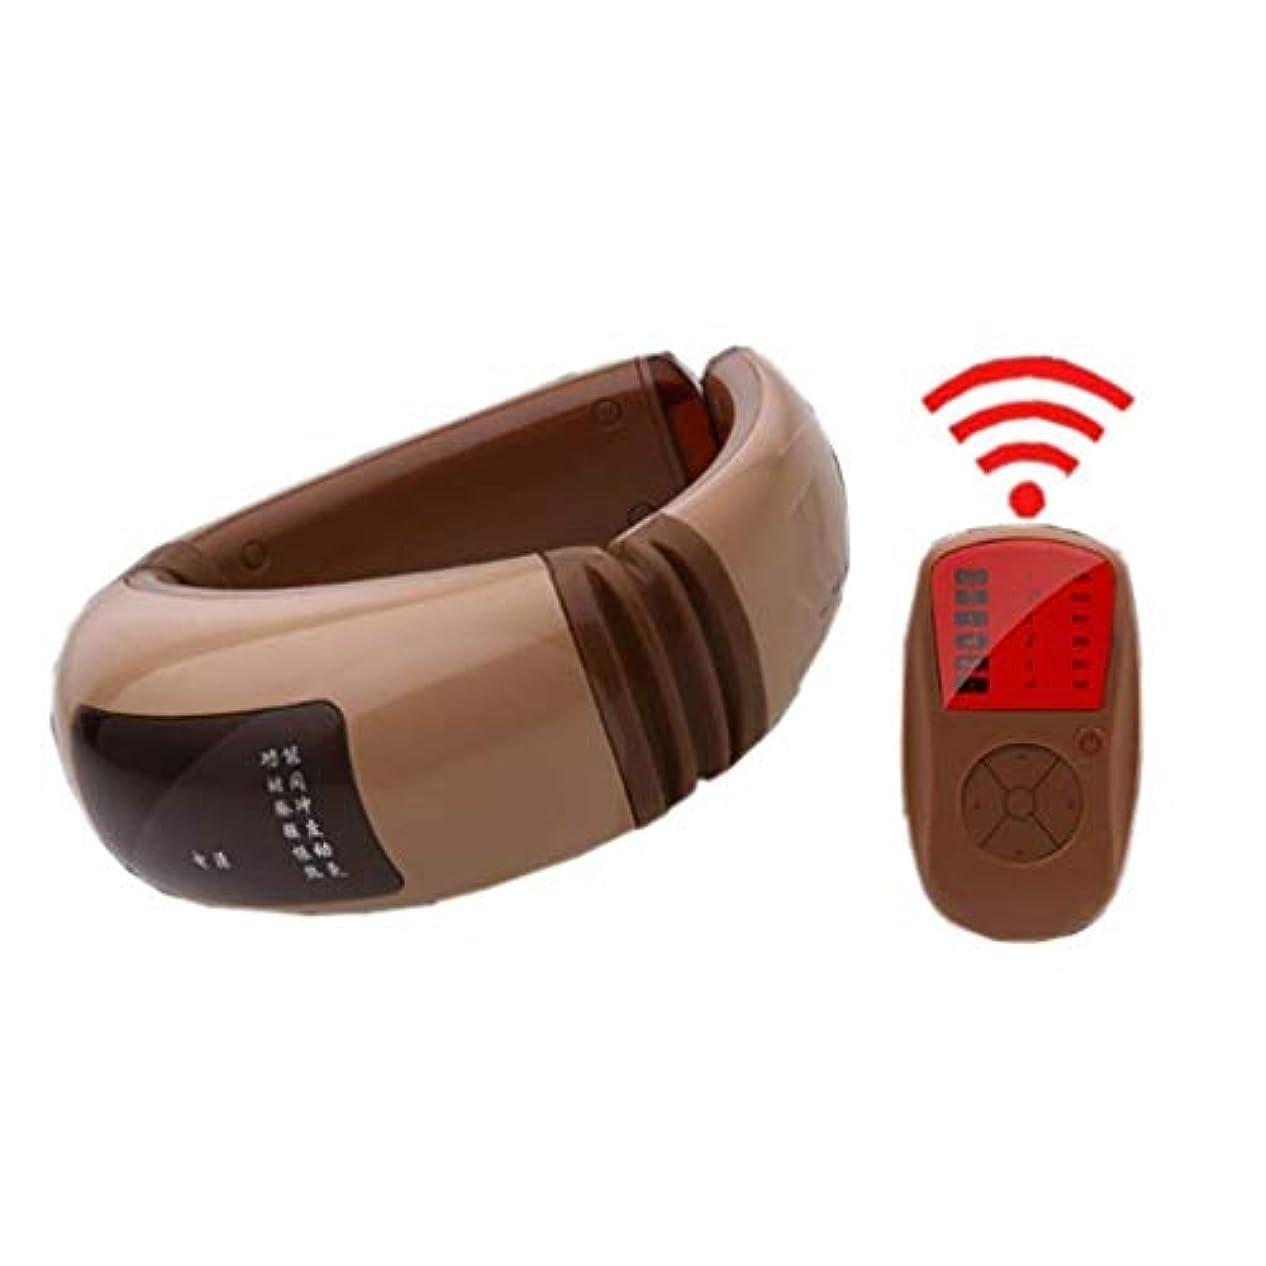 実質的膨らませる期間マッサージャー、ポータブルスマートネック振動マッサージャー、USB充電、デジタルディスプレイ、車のホームオフィスで使用